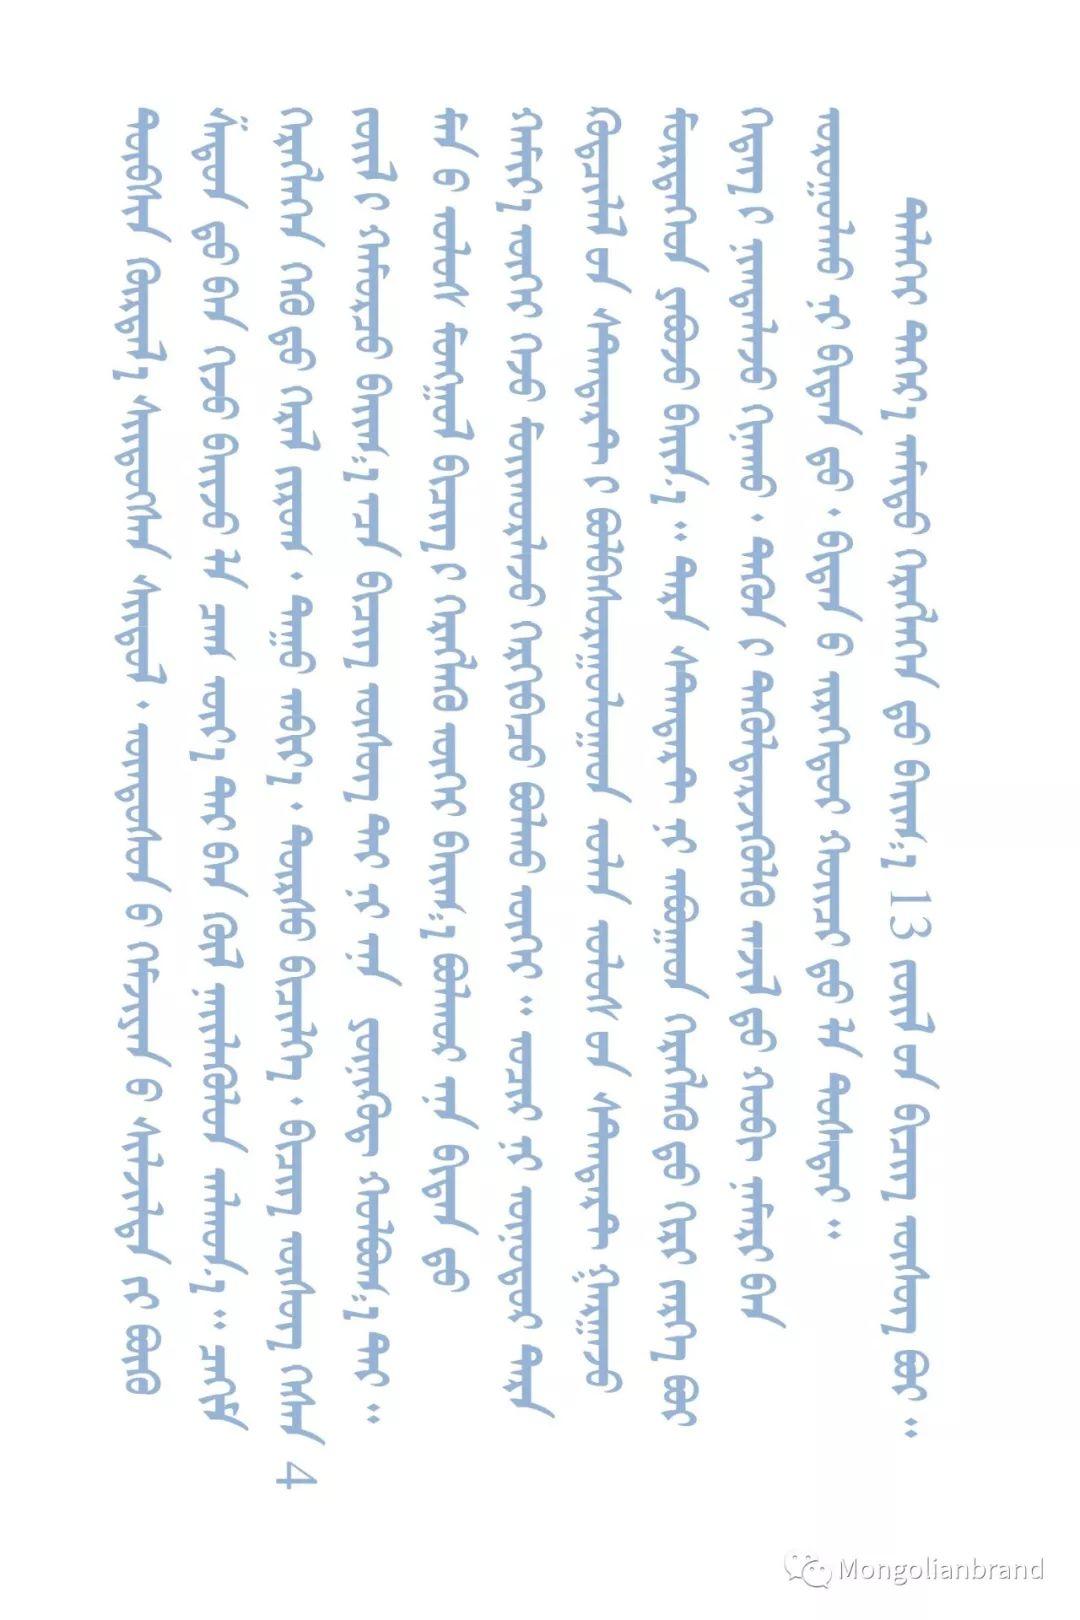 蒙古字体设计专家Jamiyansuren:让每个蒙古人掌握传统蒙古文是我们的终极目标 第7张 蒙古字体设计专家Jamiyansuren:让每个蒙古人掌握传统蒙古文是我们的终极目标 蒙古文化